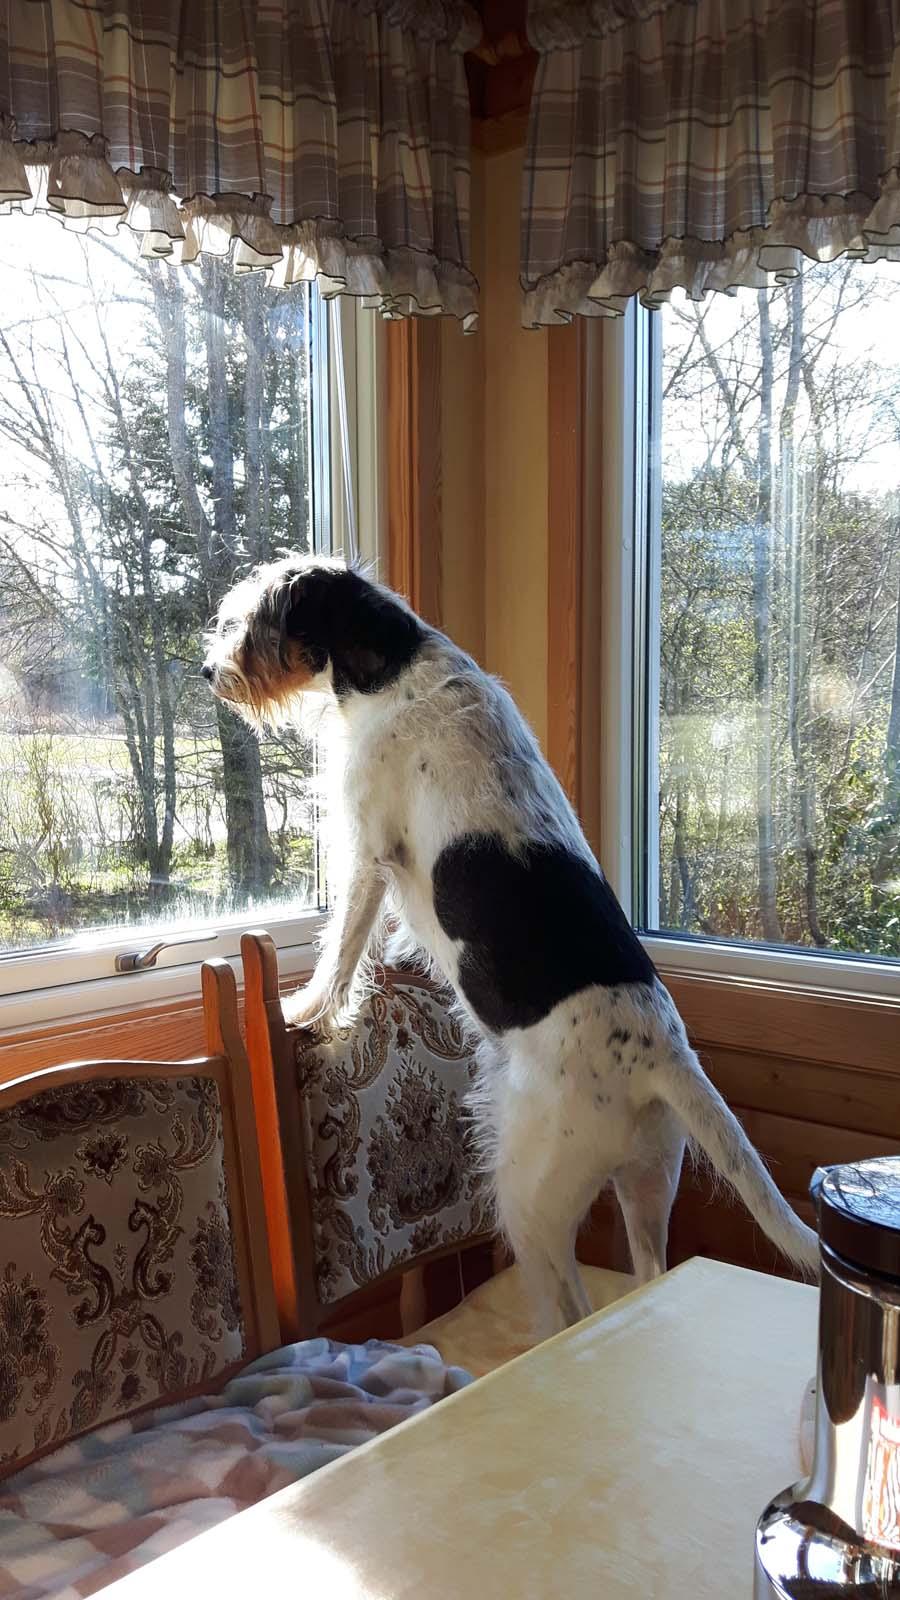 Und ich darf nicht raus? Weil Bella läufig ist?